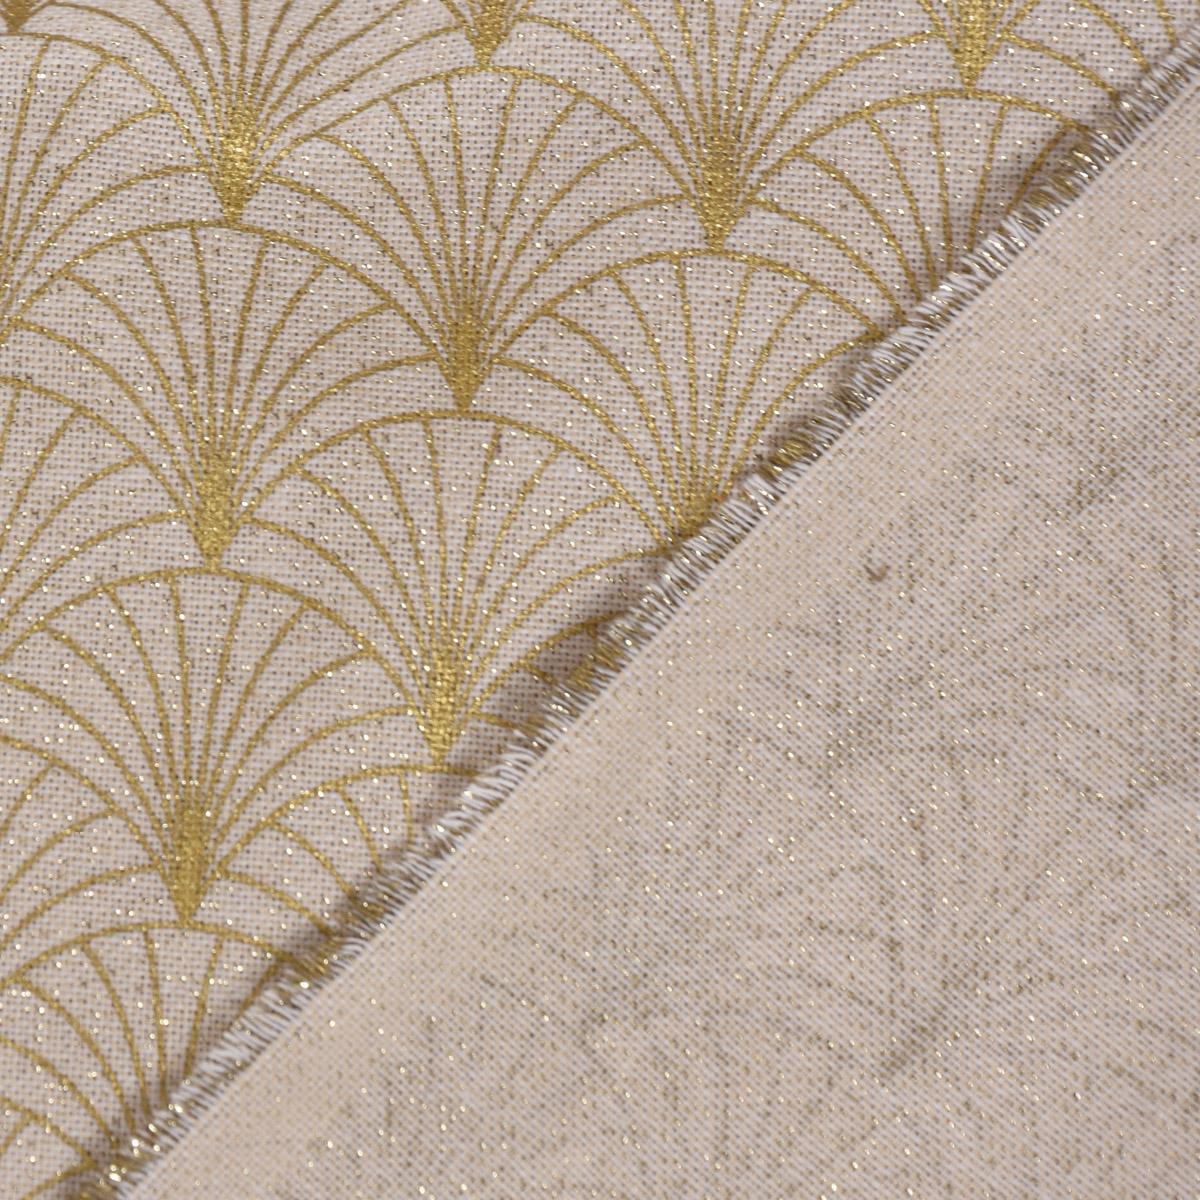 Zugluftstopper Leinenlook Lurex Glamour uni natur goldfarbig verschiedene Größen